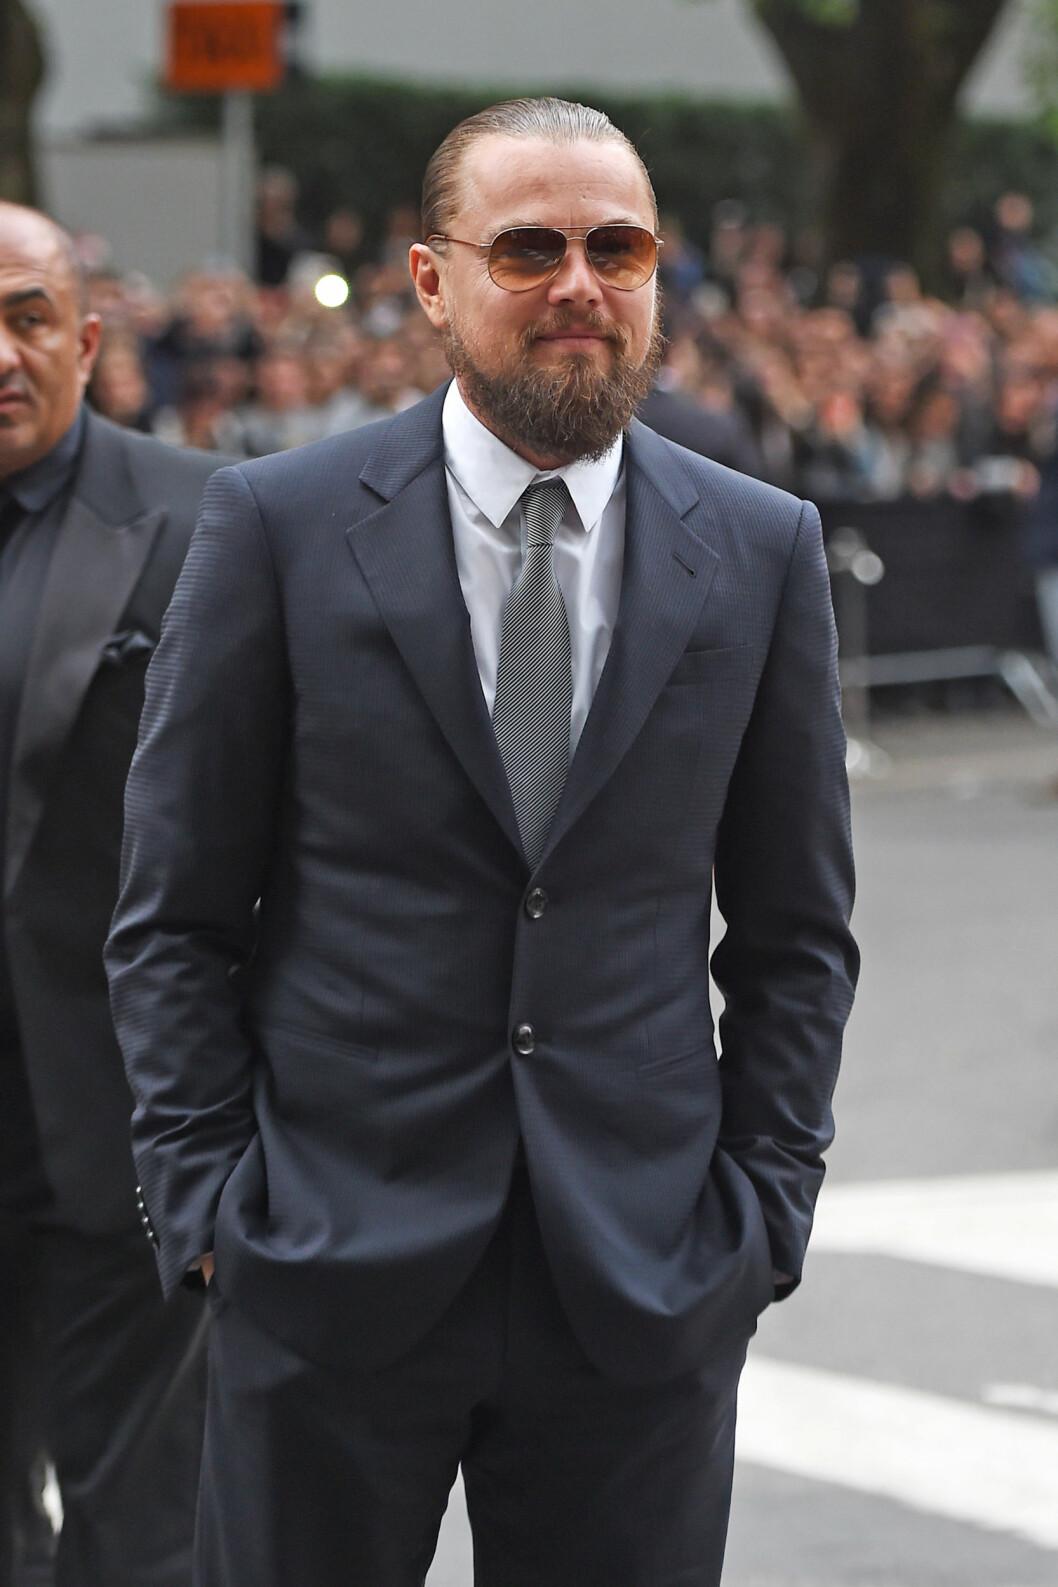 MYSTISK: Leonardo DiCaprio har den siste tiden sverget til «man bun» i nakken og langt skjegg. Her på 40-årsfeiringen av Giorgio Armani i Milano i april. Foto: Splash News